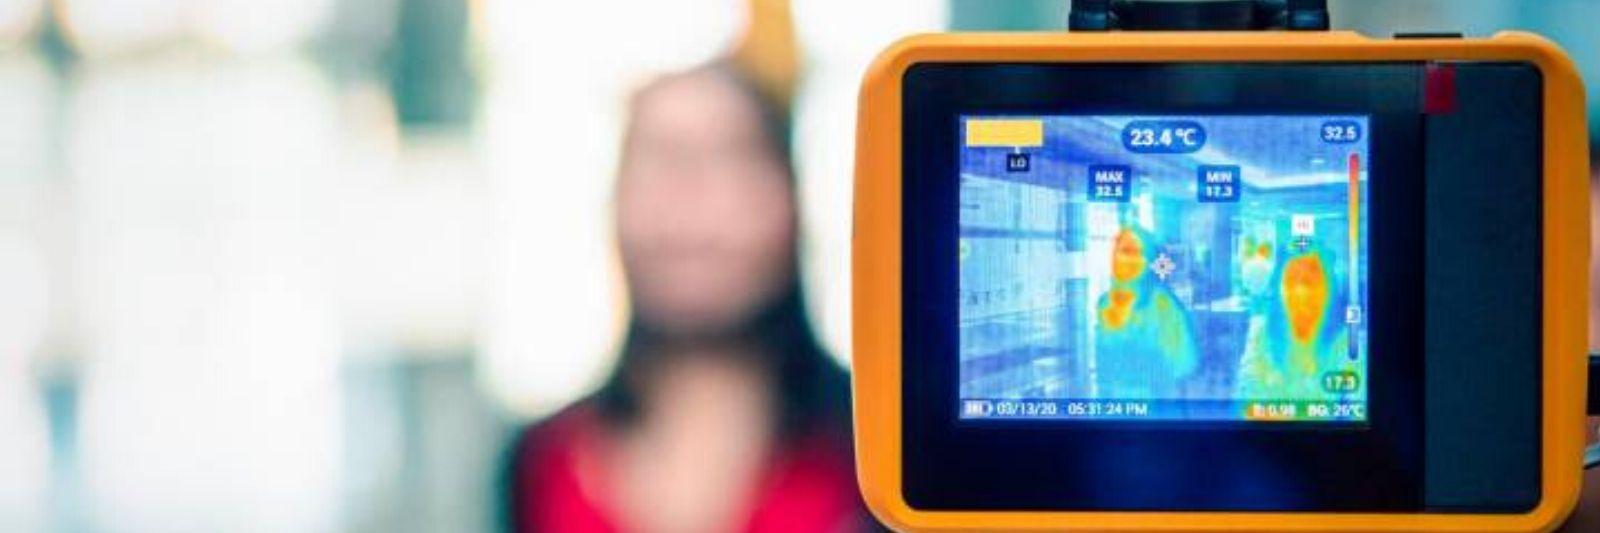 Cámaras termográficas: ¿cómo funcionan y cómo pueden ayudar a tu empresa?